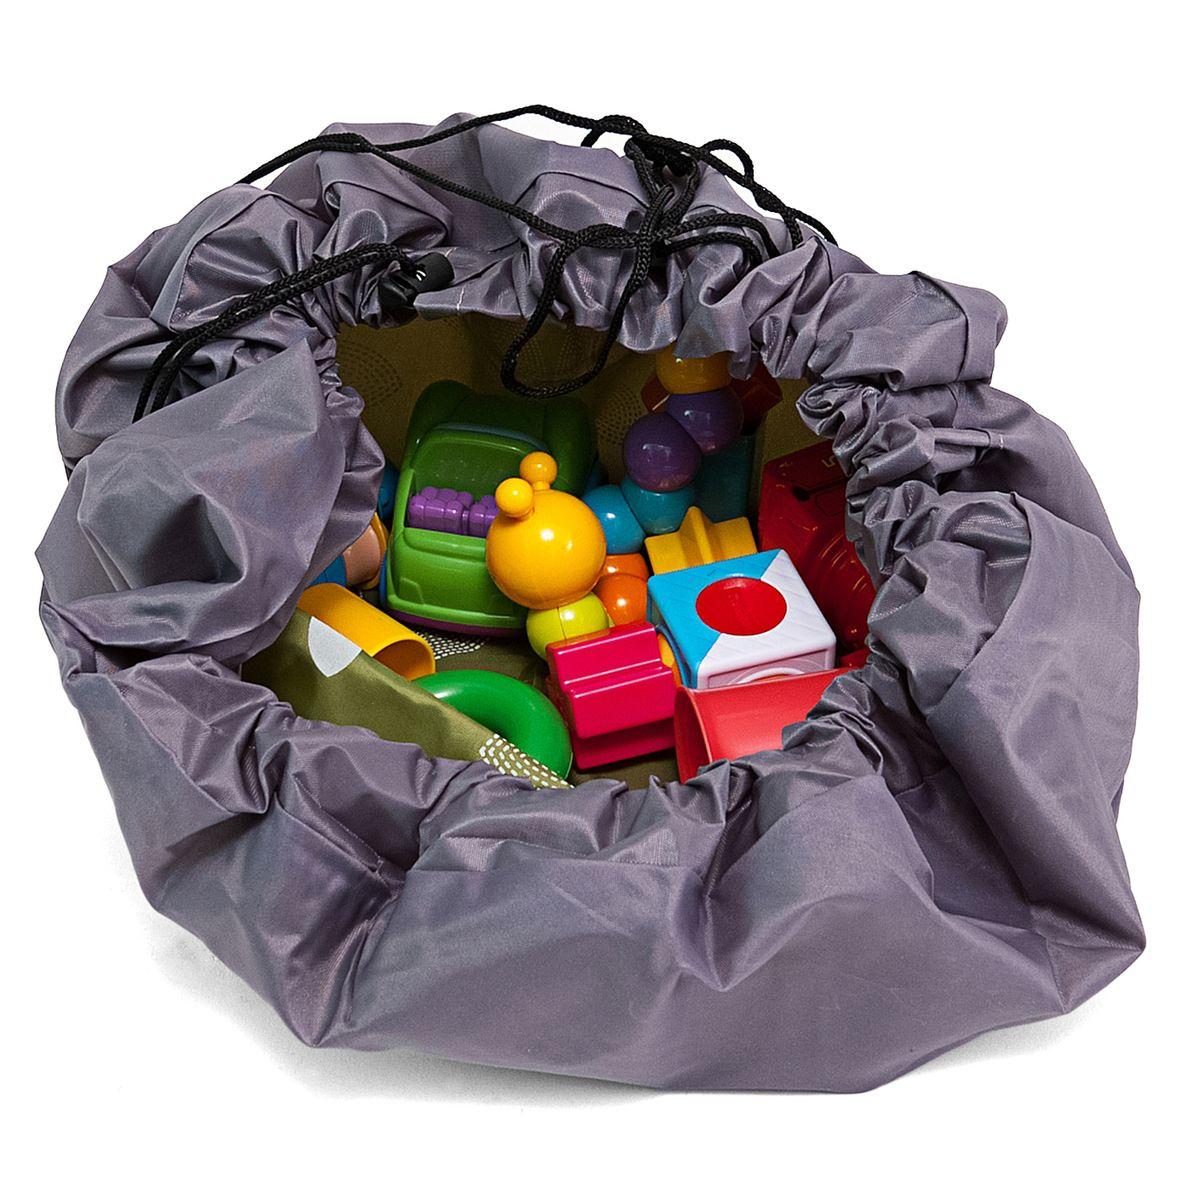 Сумка-коврик Homsu Лужайка, цвет: зеленый, 80х80 смR-105Сумка-коврик это оригинальный способ хранения и транспортировки детских игрушек. В разложенном состоянии - это поле для игры, а когда нужно собрать игрушки, он затягивается на шнурок и превращается в удобную сумку. Выполнен из прочного, но мягкого канваса. Размер изделия: 80х80см